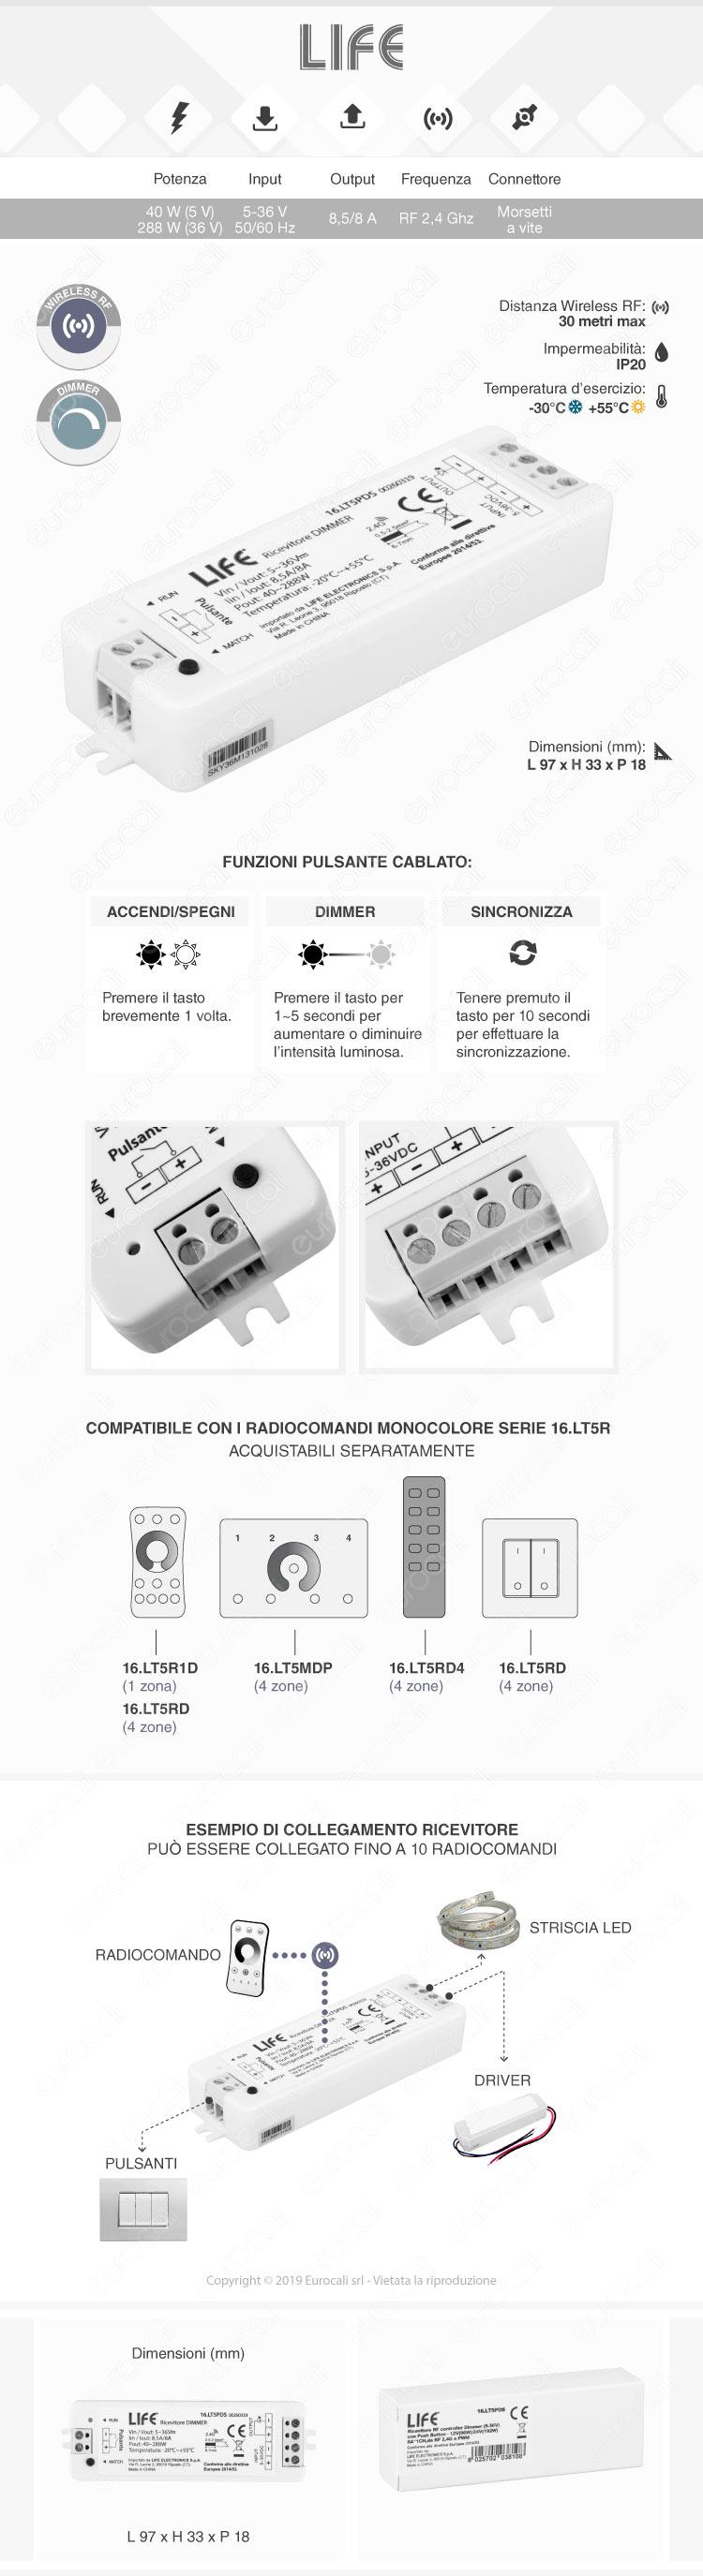 Life Controller Dimmer a Zone Strisce LED Associabile a Telecomando e Connessione Pulsante Cablato